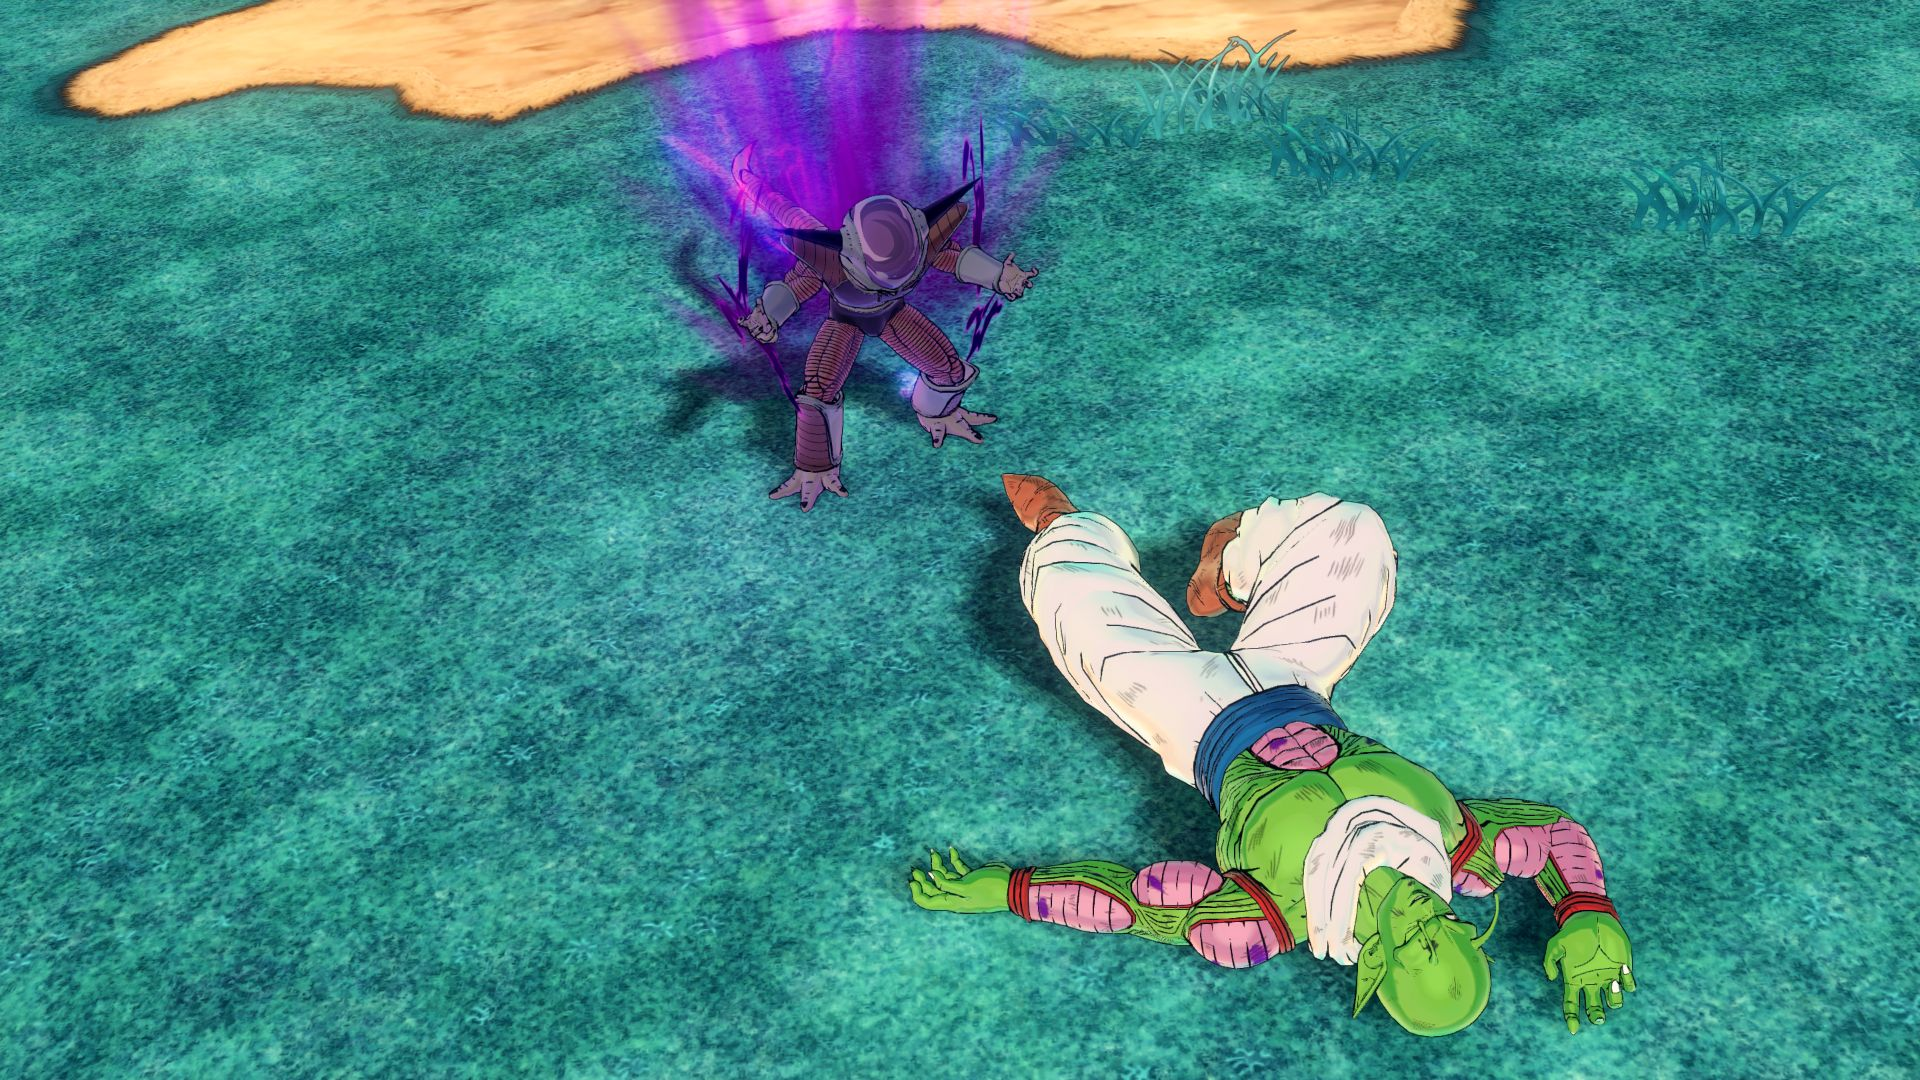 Nail ha sido presentado en vídeo para Dragon Ball Xenoverse 2